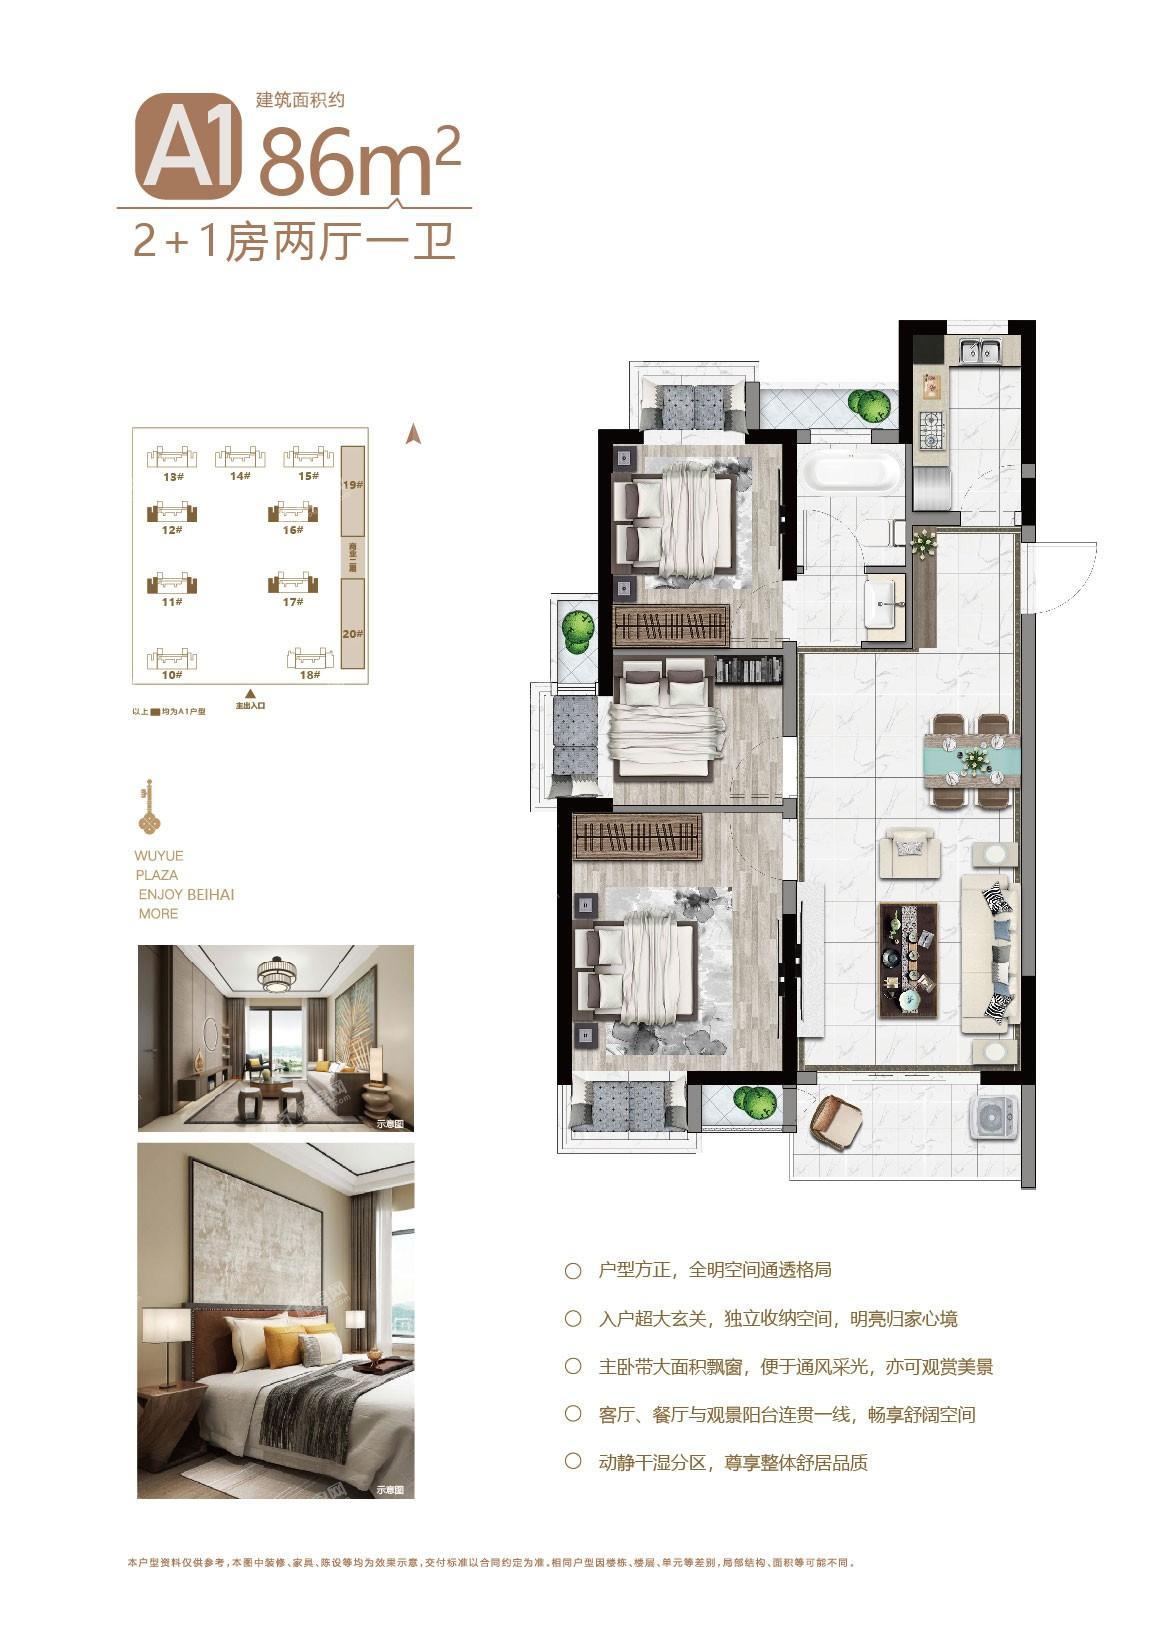 北海新城吾悦广场户型图1